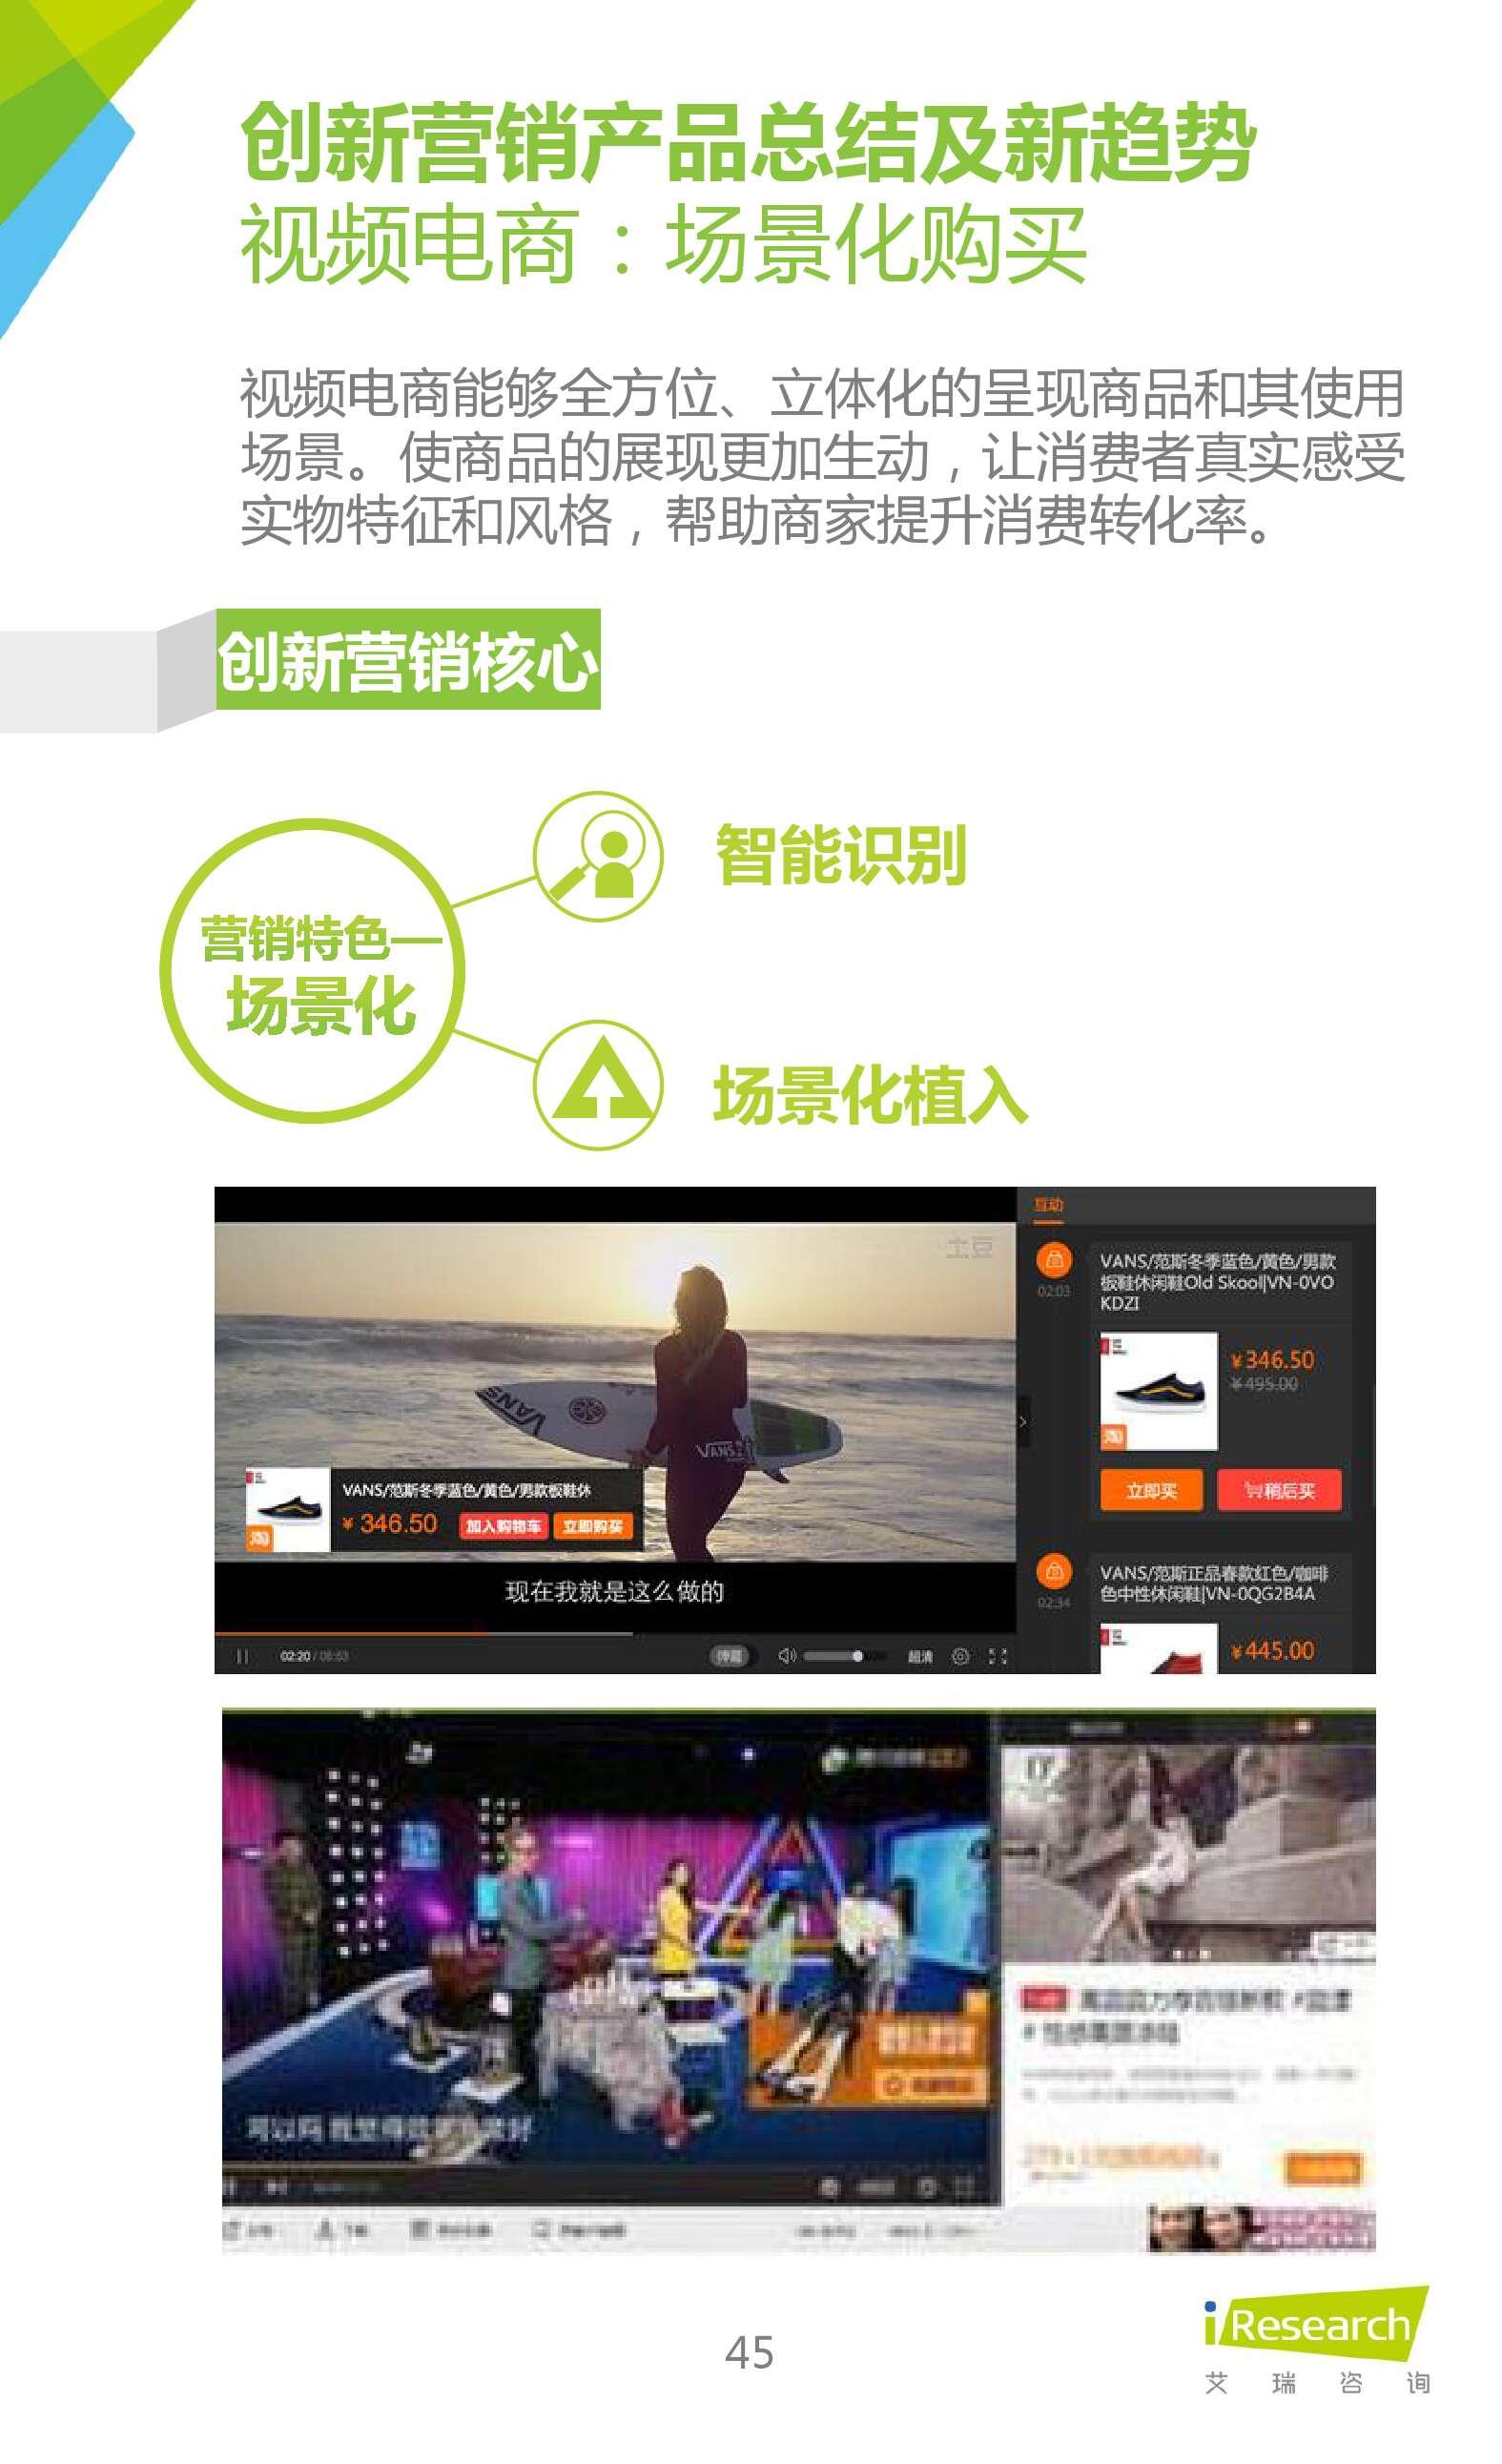 2016年中国在线视频企业创新营销研究_000045